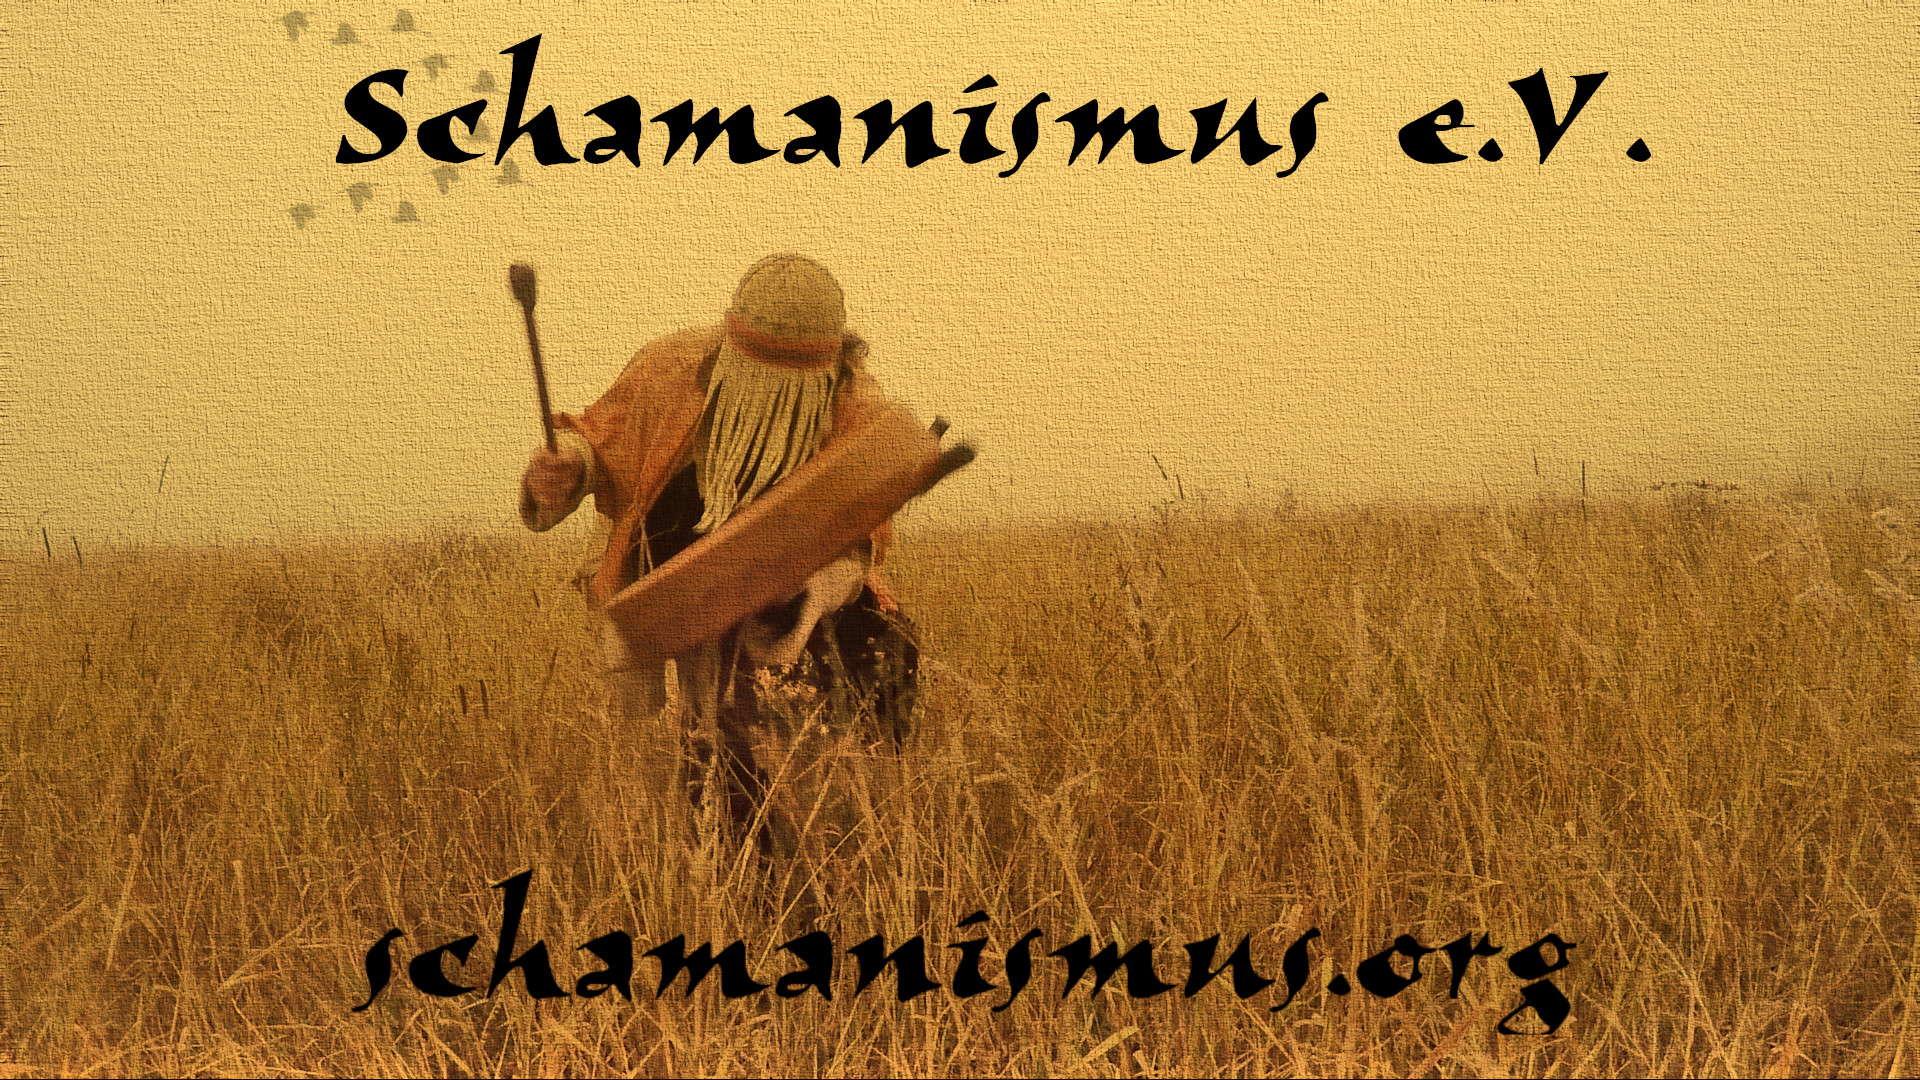 Schamanismus.Org